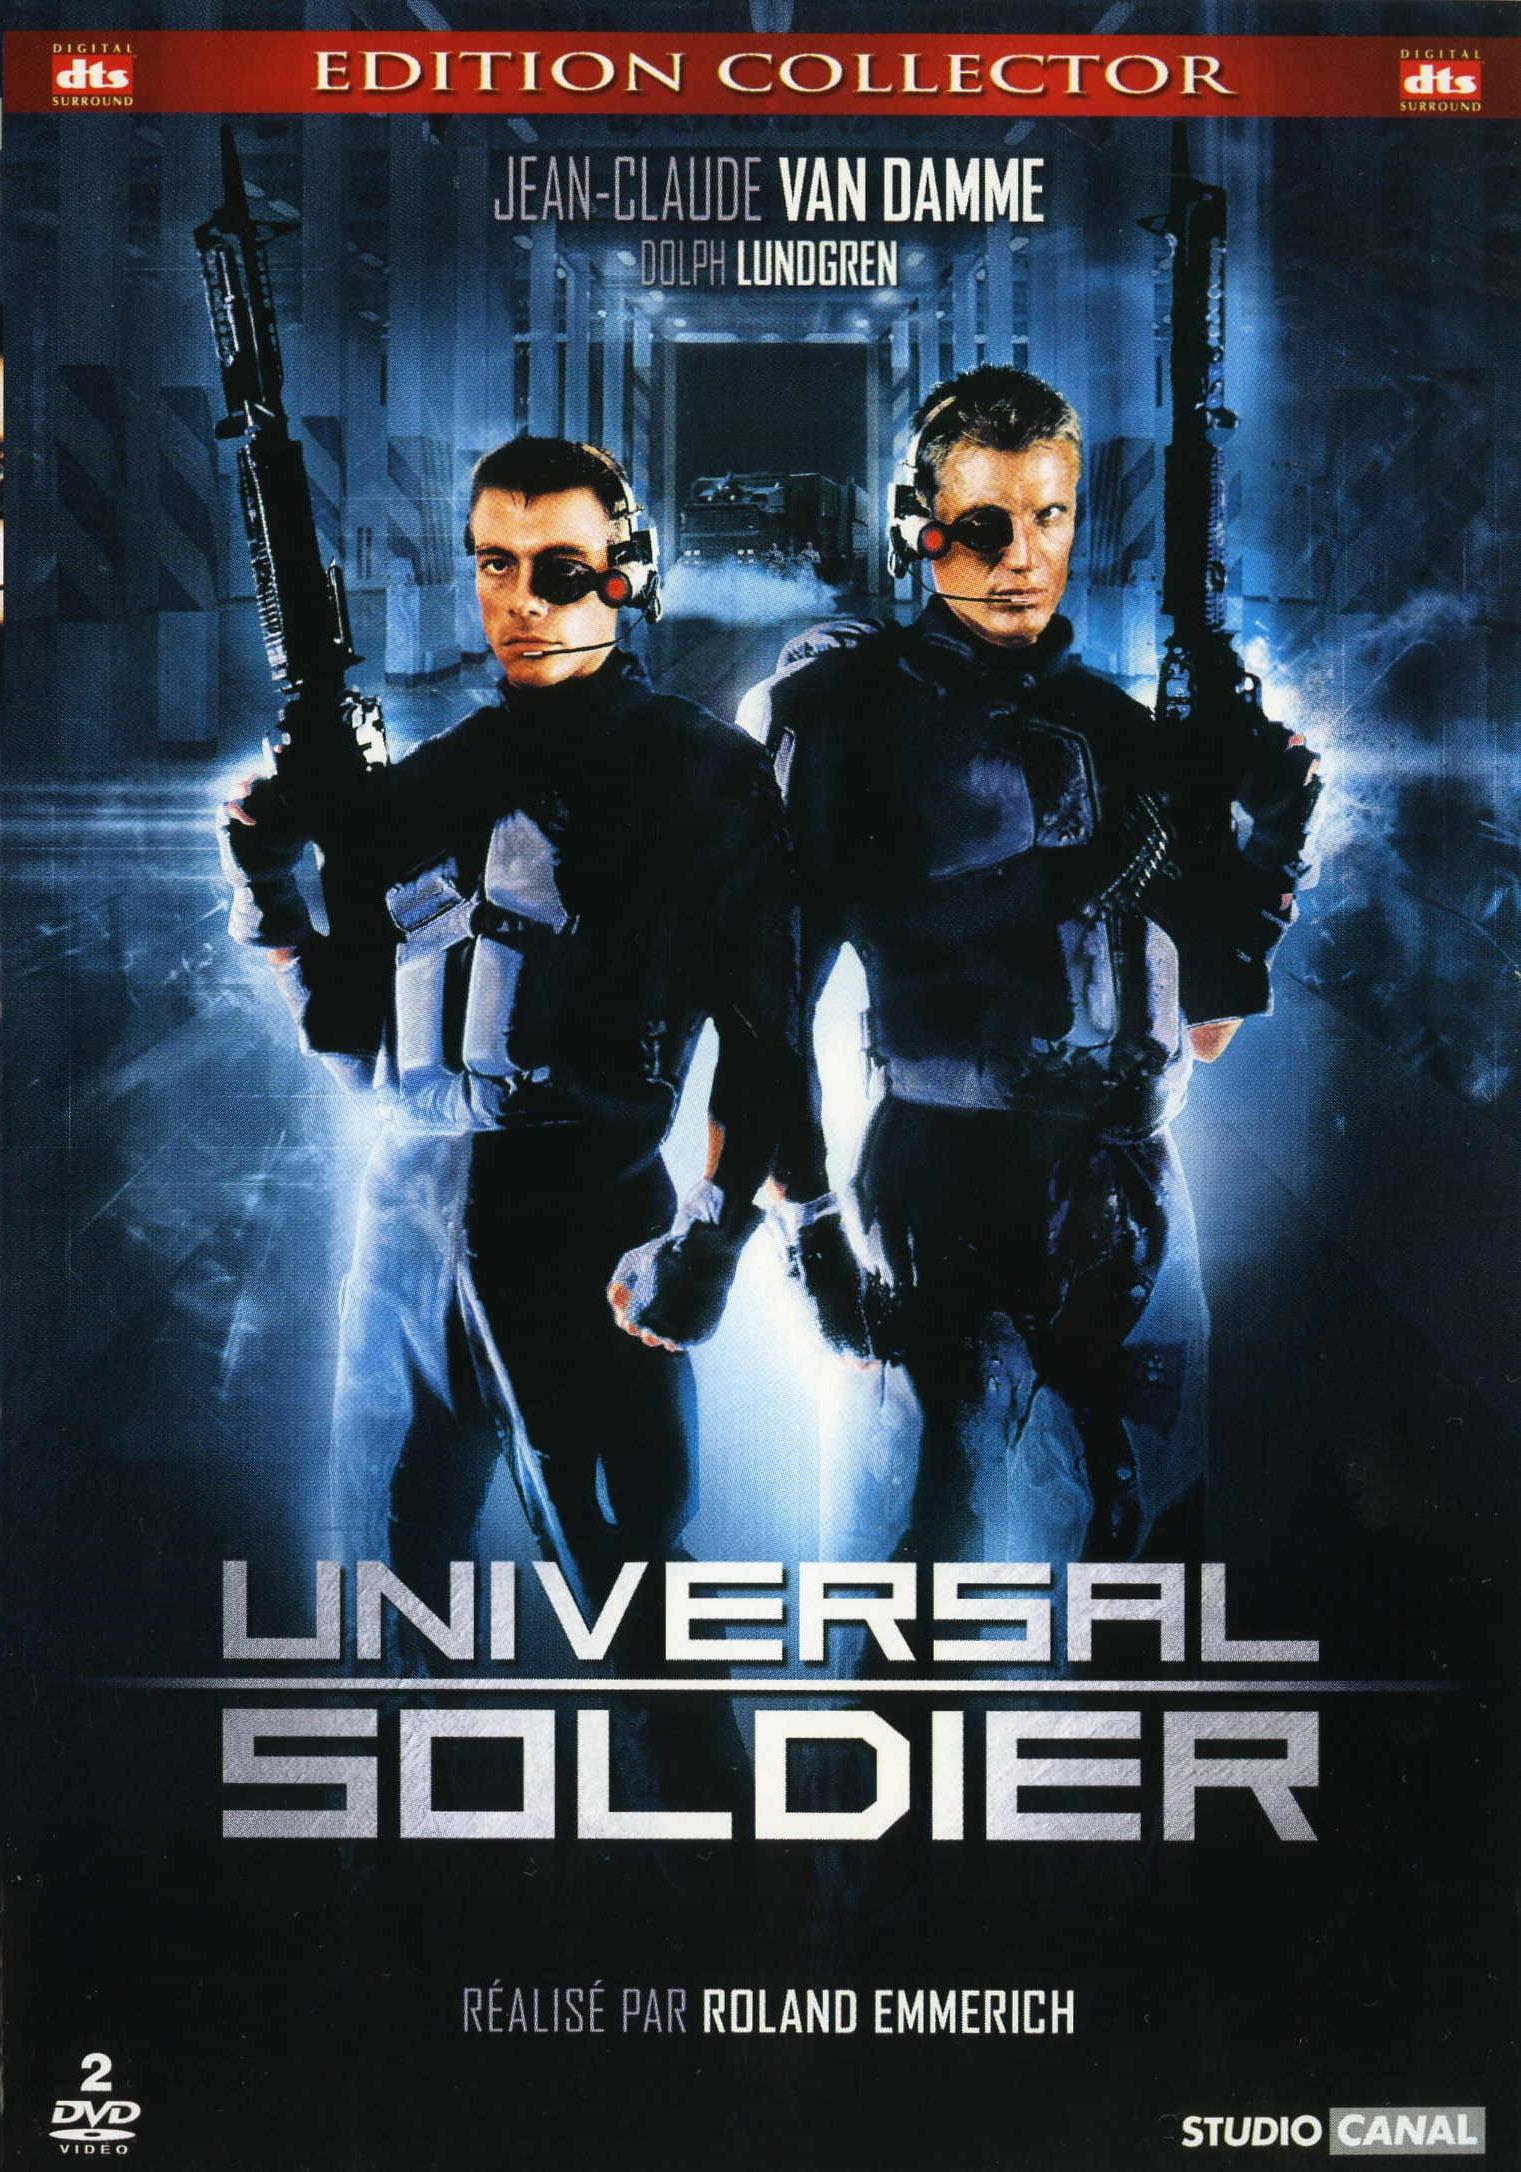 Abécédaire des Films - Page 5 Universal-soldier-film-volume-collector-4756